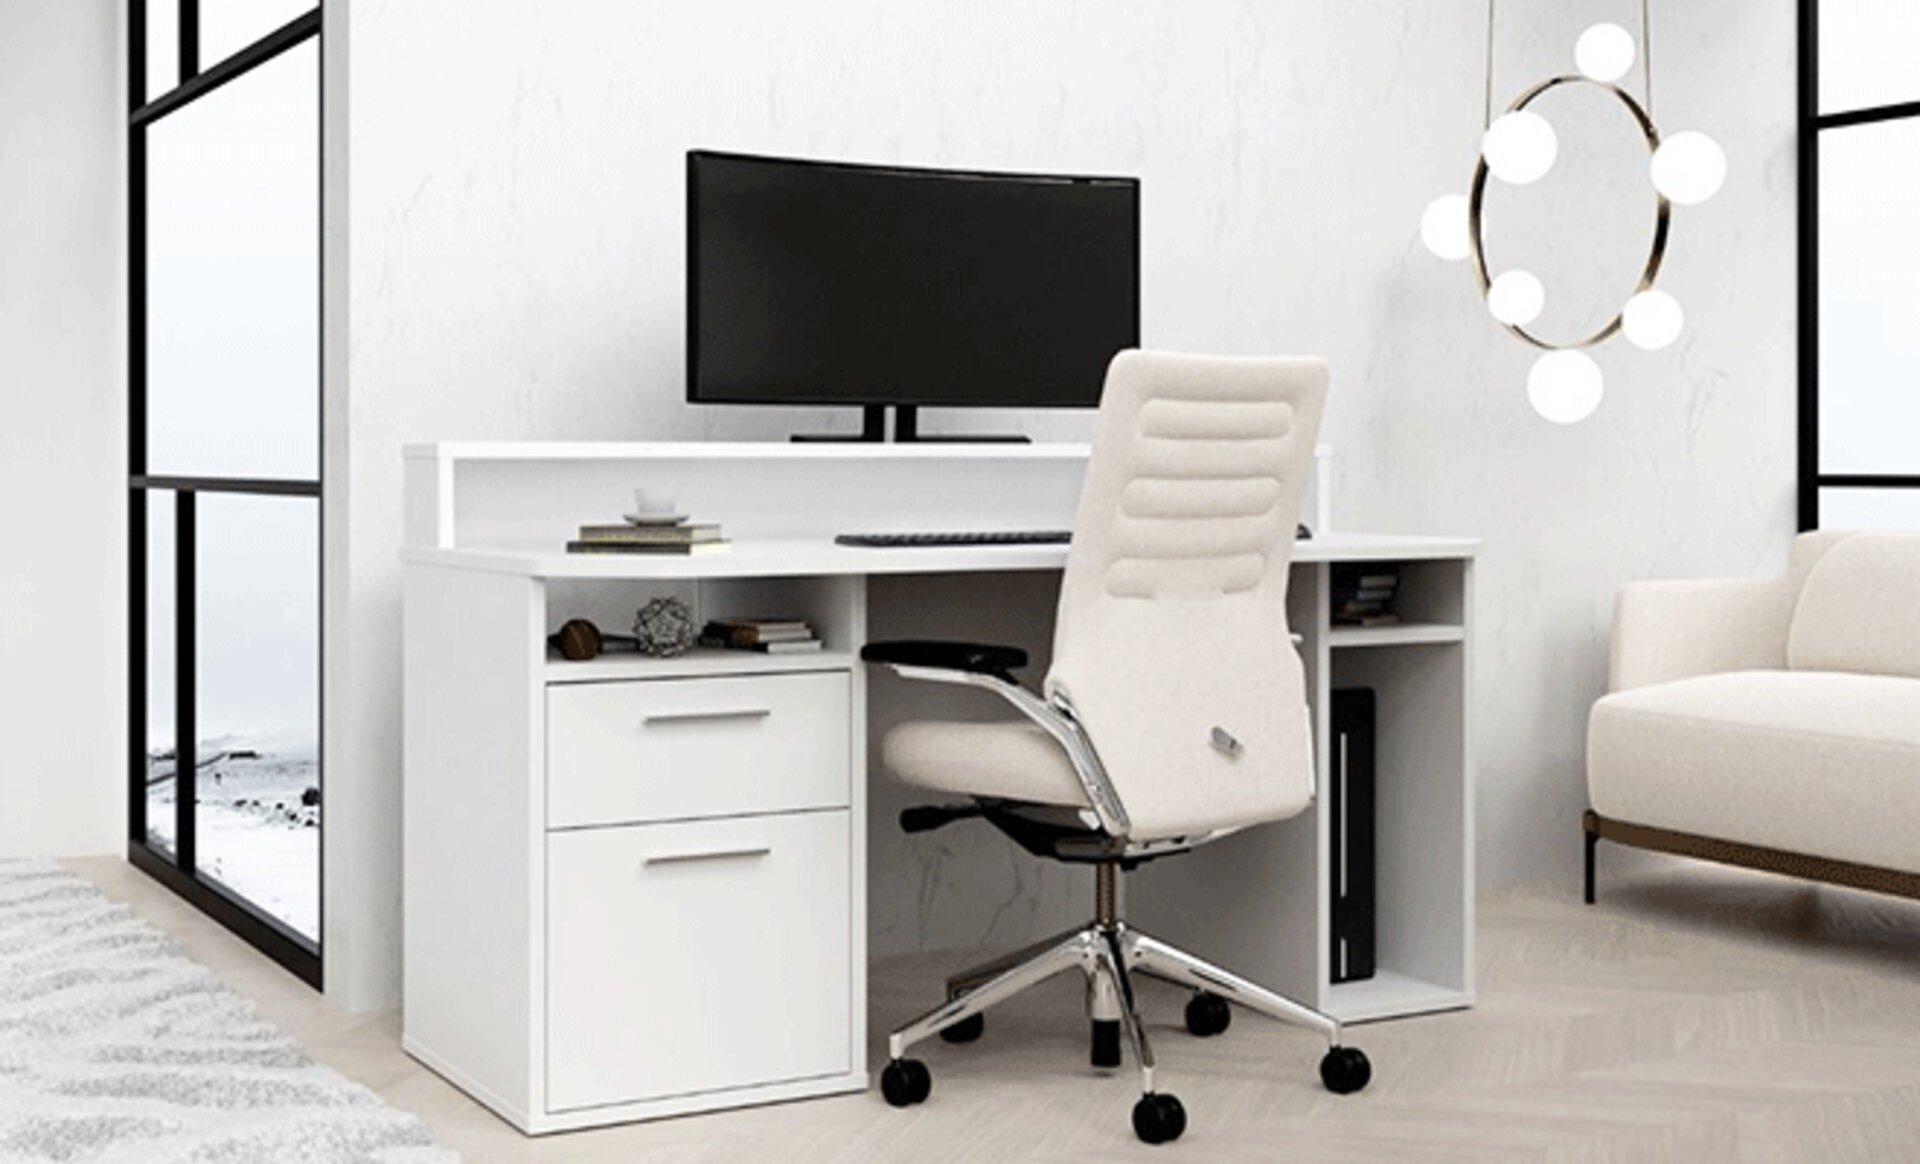 Inspirationsbild für WG-Zimmer zeicht kompakten Computer-Schreibtisch in weiß.